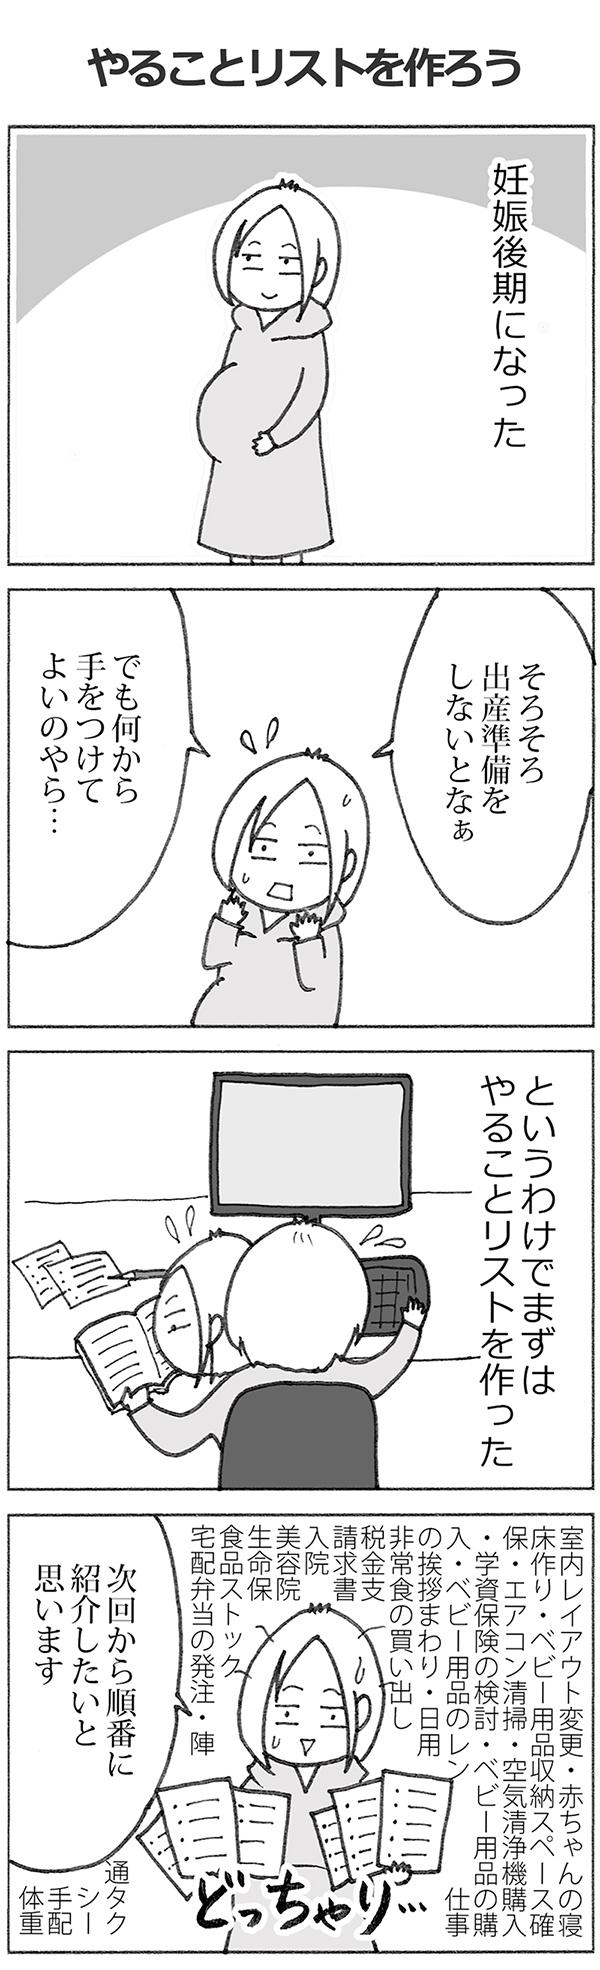 katakrico_15